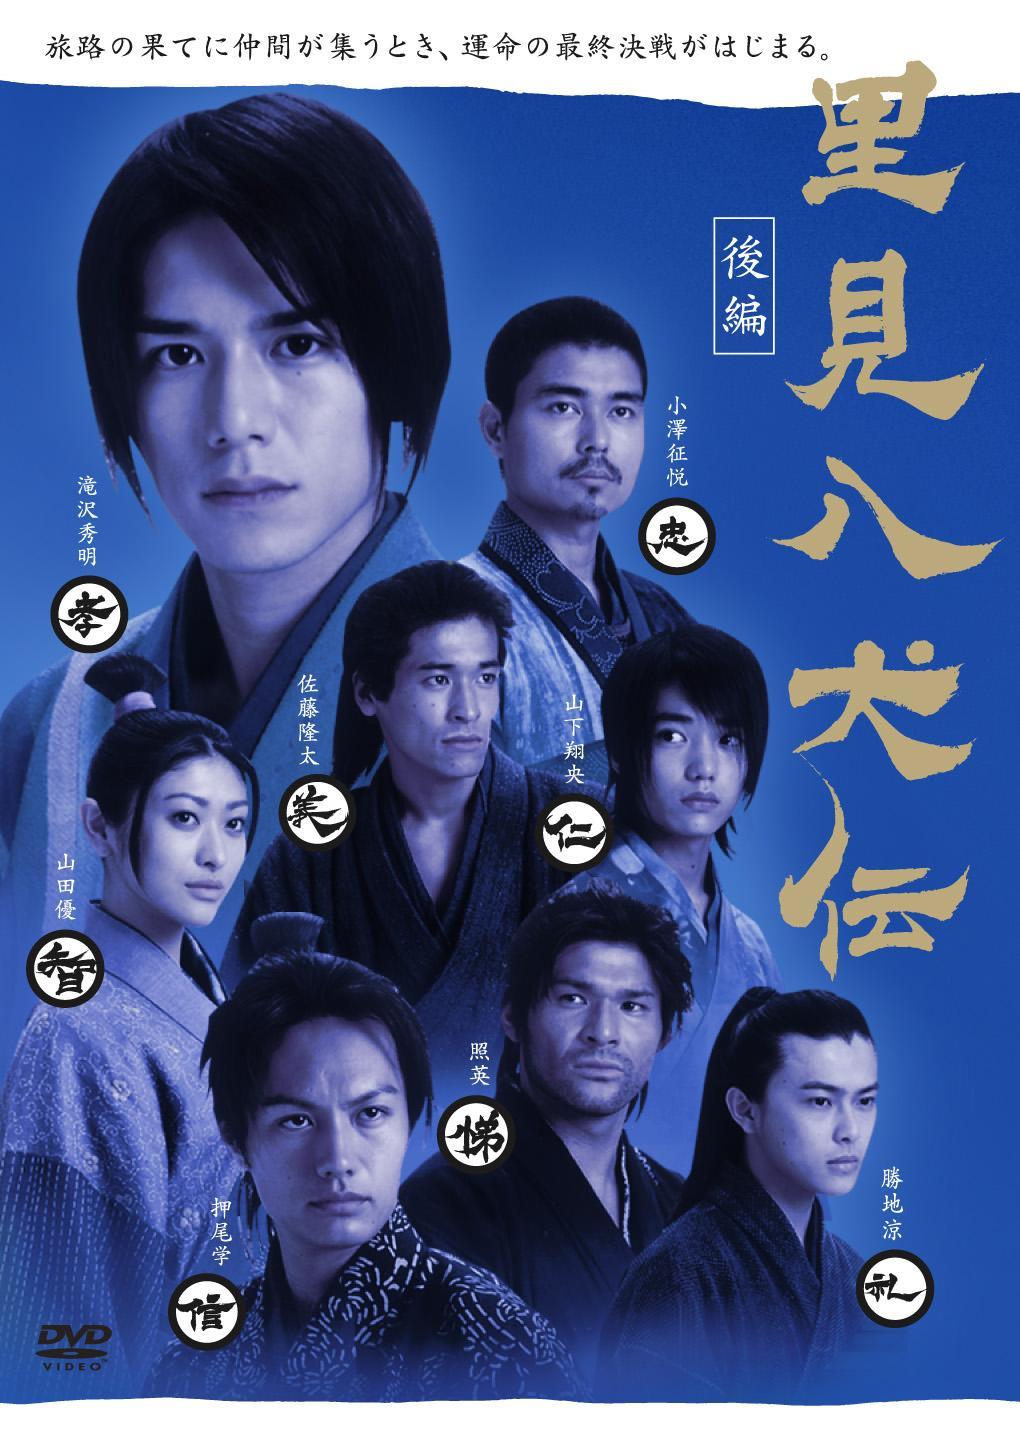 里見八犬伝( ) | 映画-Movie Walker